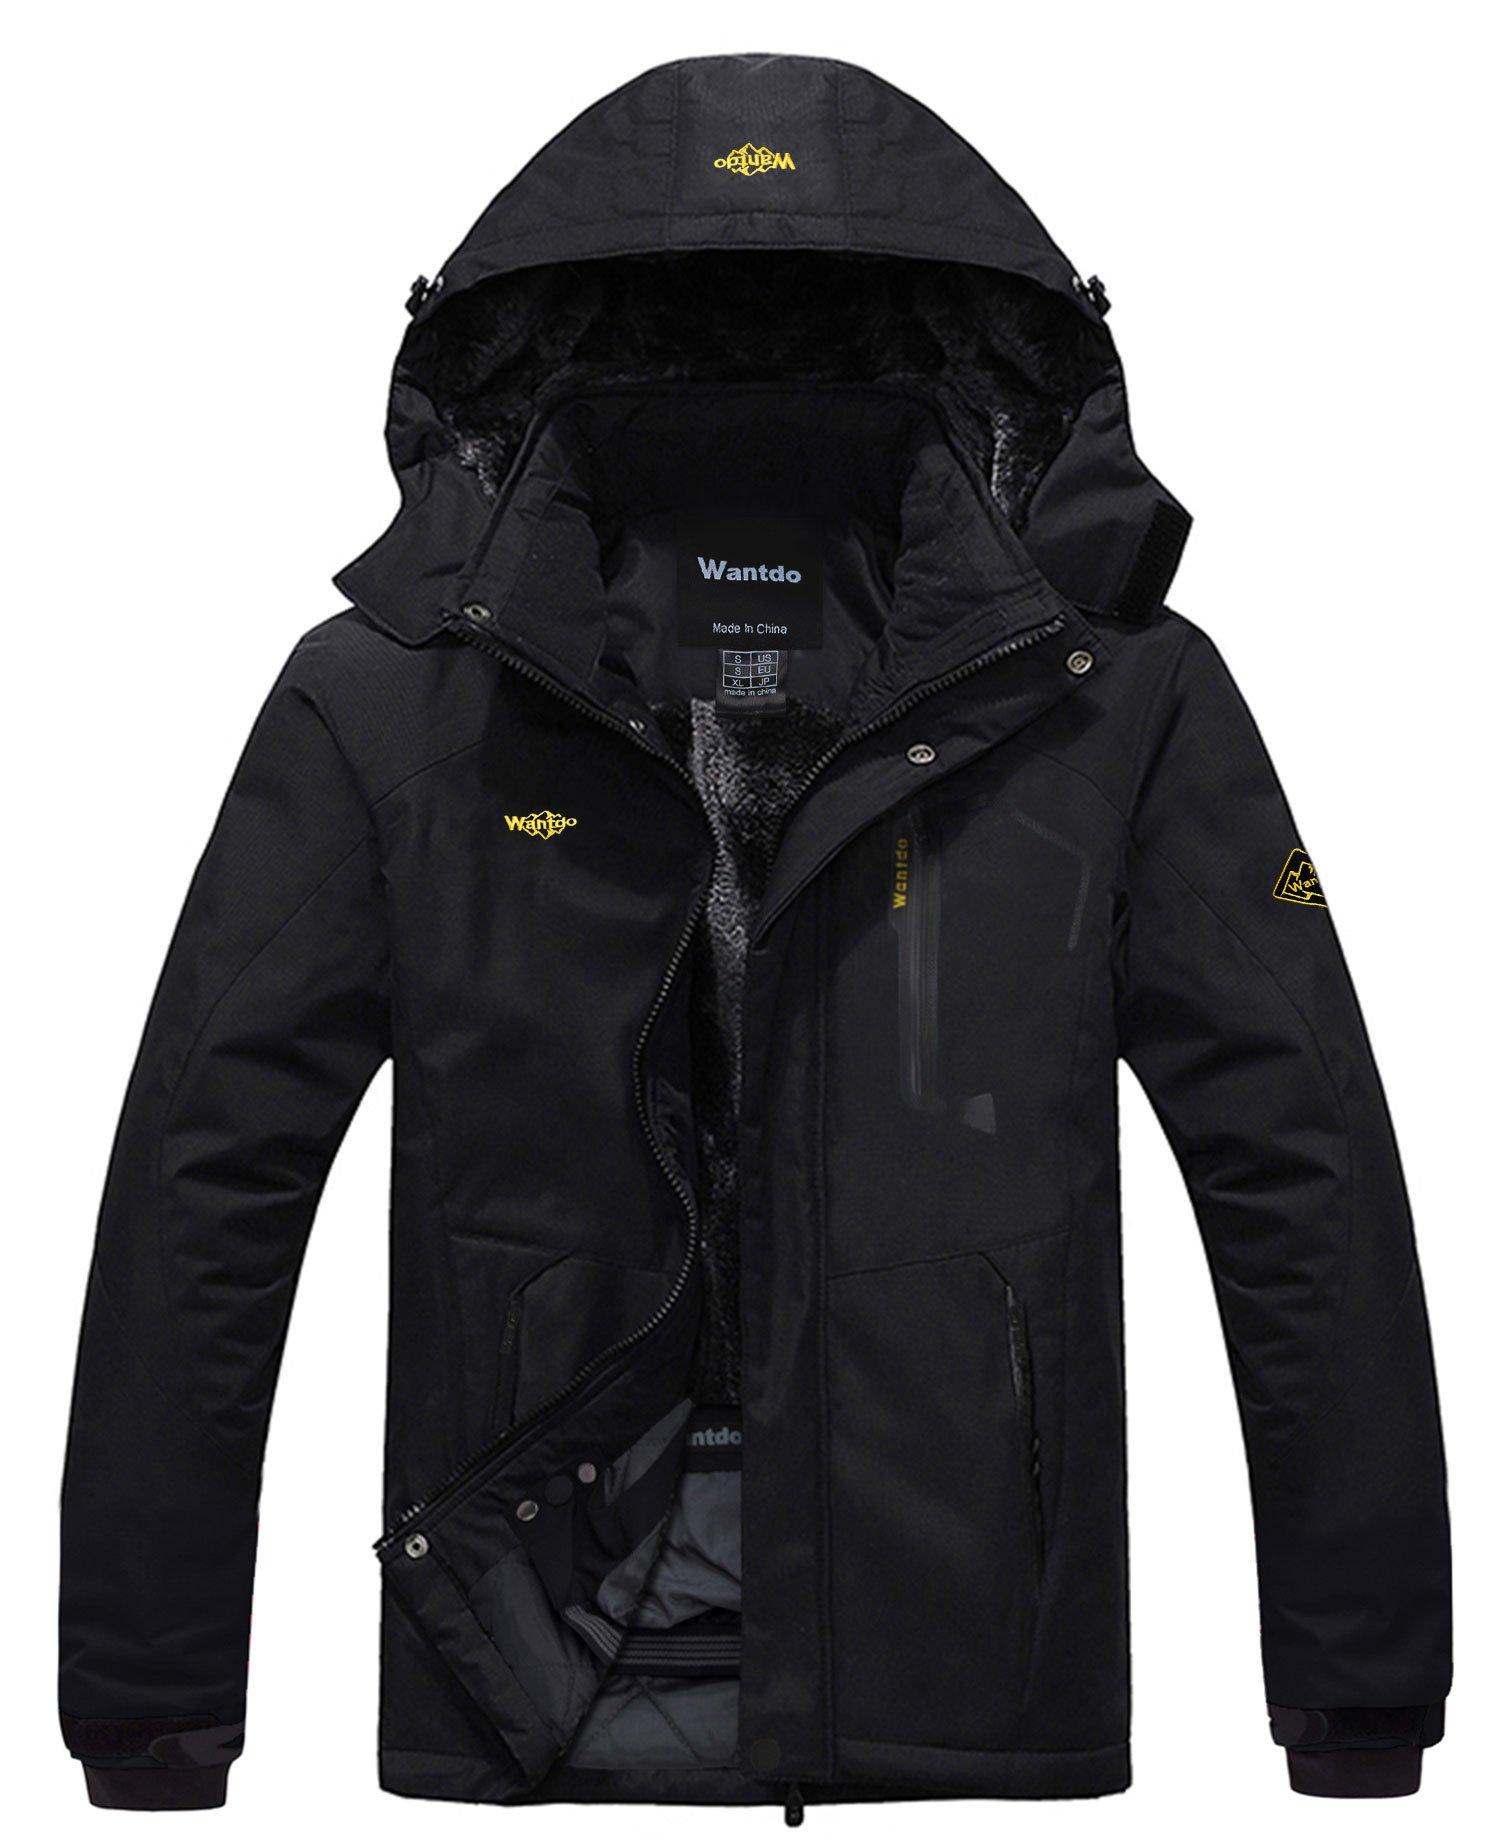 Wantdo Men's Mountain Waterproof Ski Jacket Windproof Rain Jacket Black XXXL by Wantdo